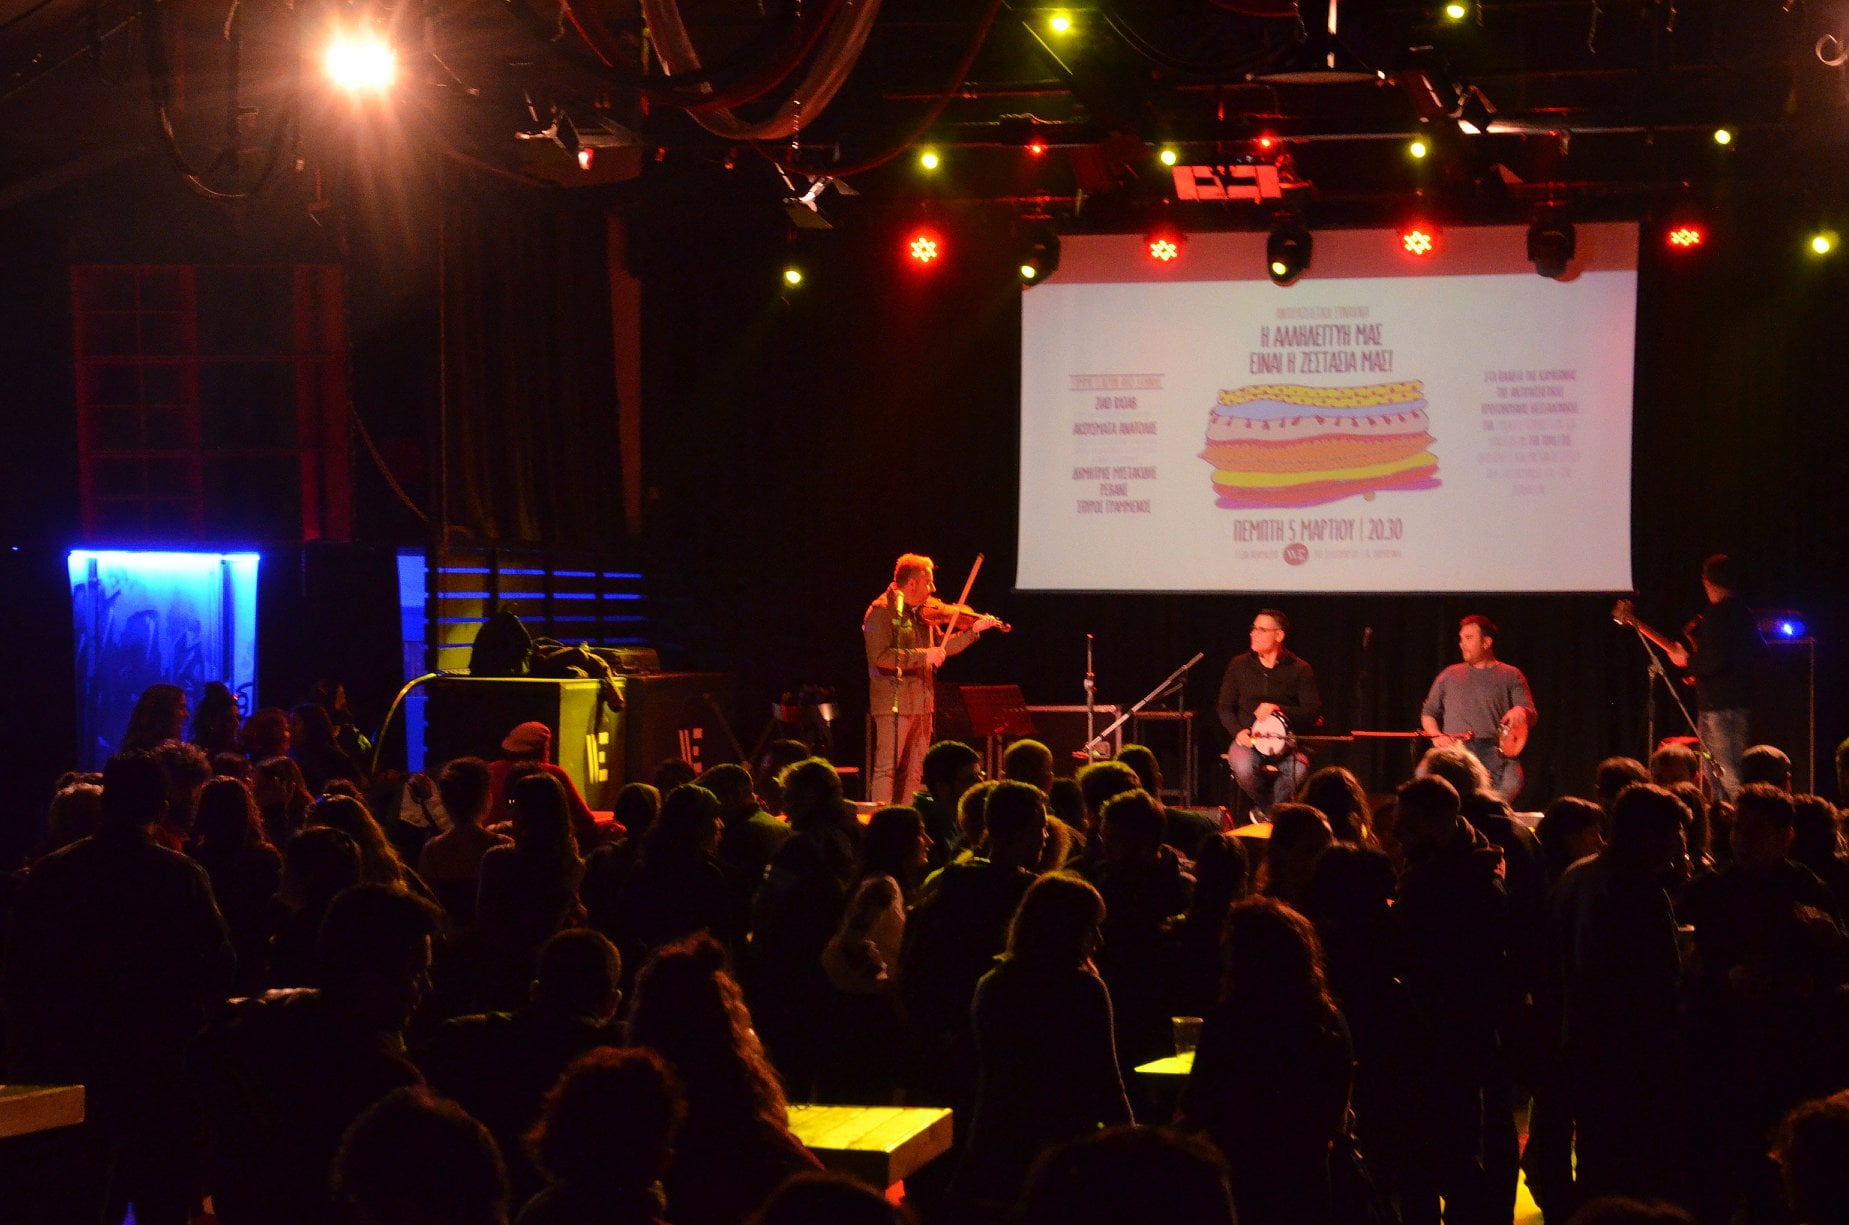 Έμπρακτη αλληλεγγύη στους μουσικούς από την Αντιρατσιστική Πρωτοβουλία Θεσσαλονίκης